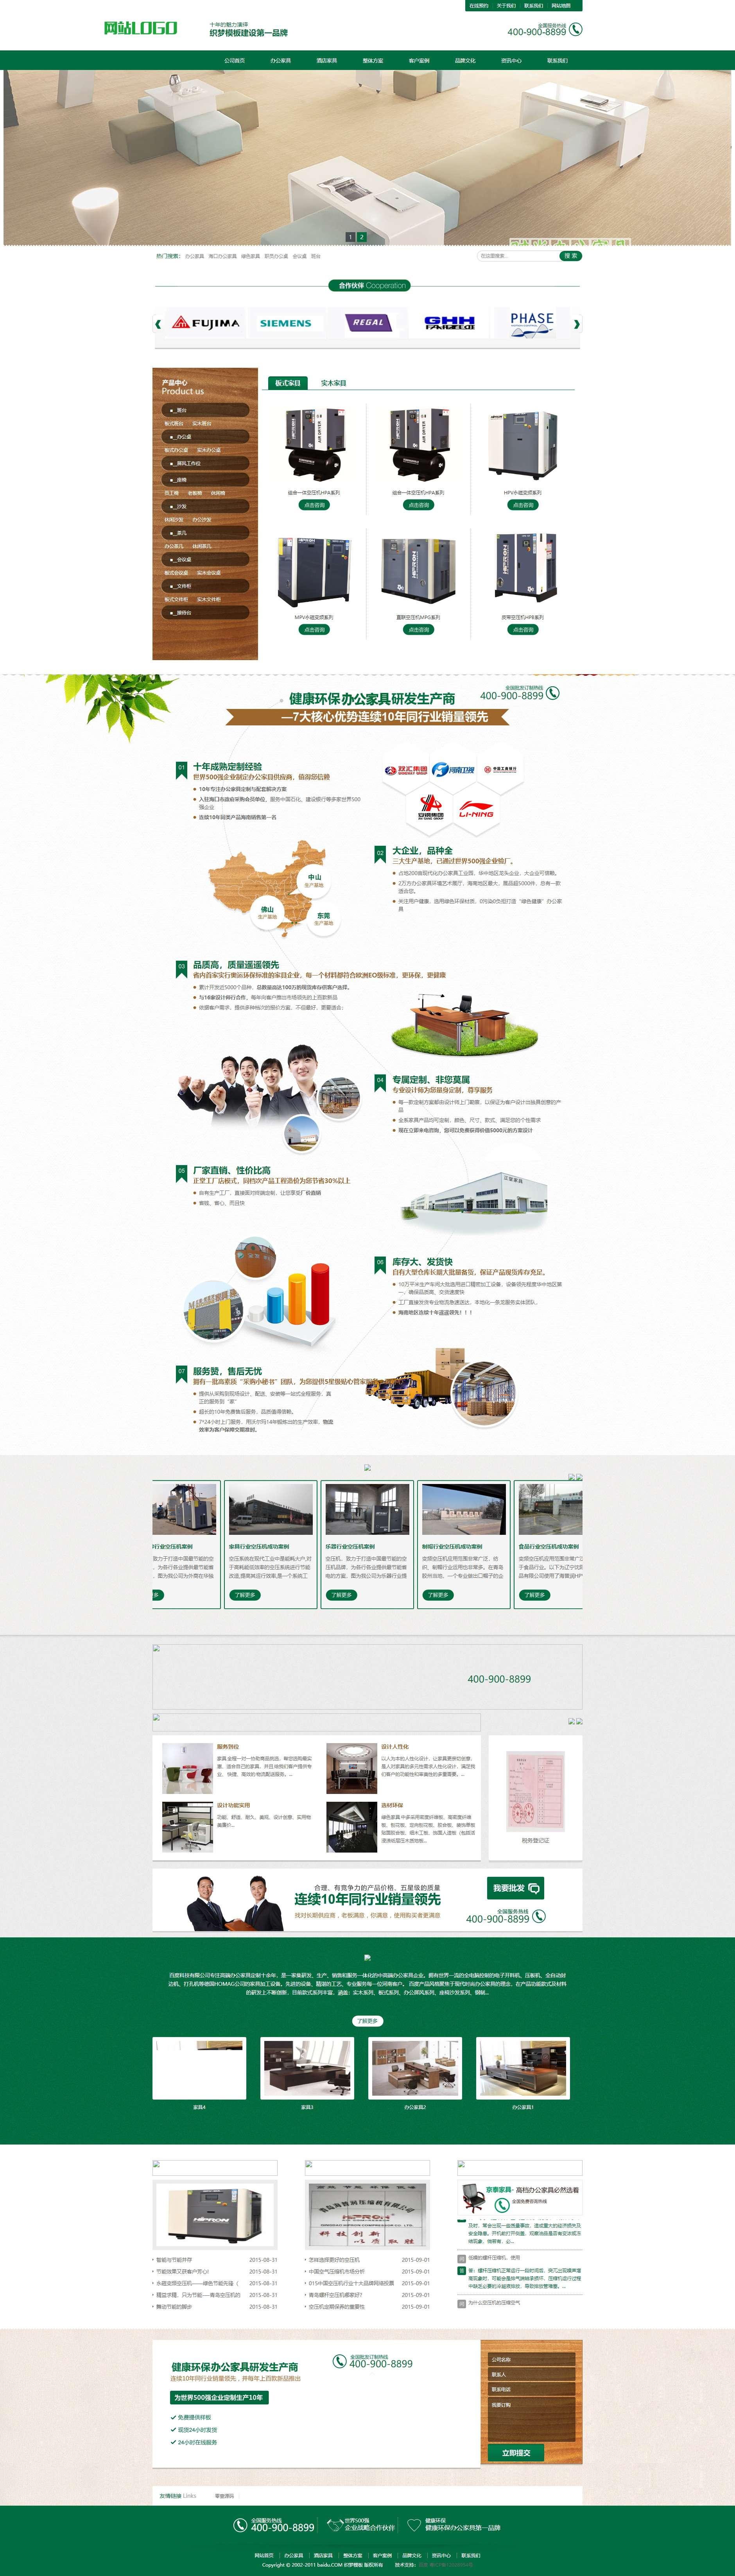 绿色办公家居家具营销类企业通用网站织梦dedecms模板